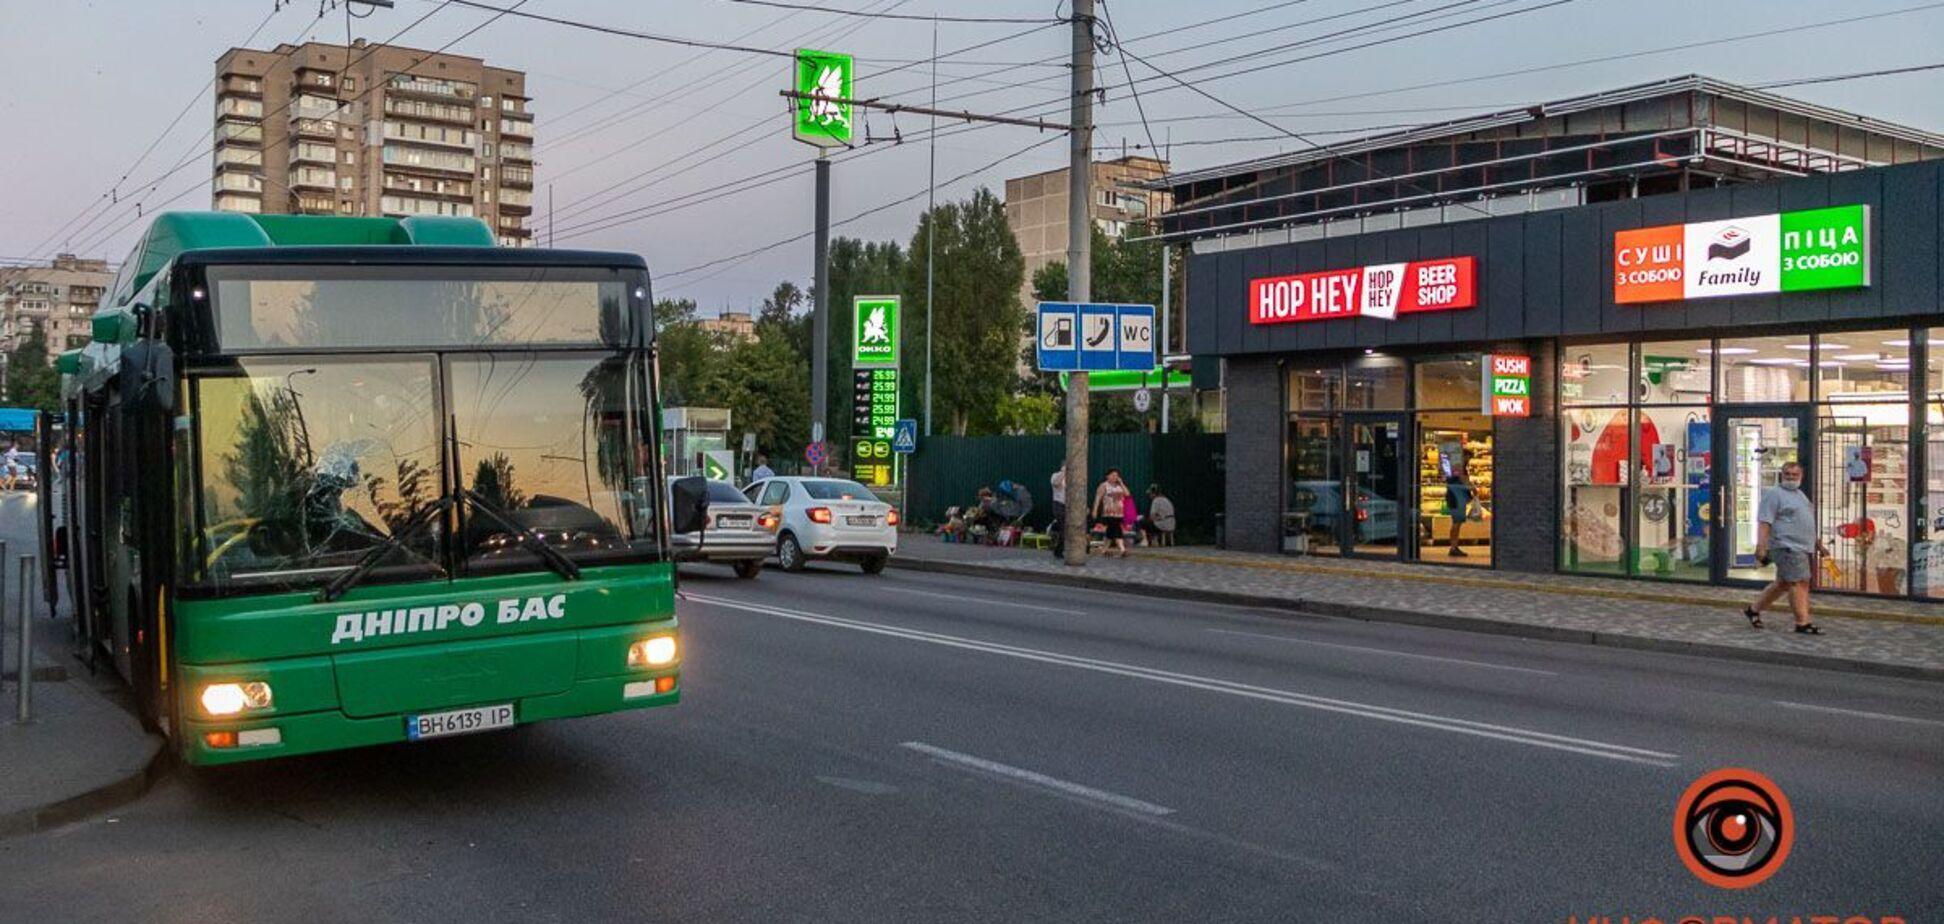 У Дніпрі авто 'підрізало' автобус з пасажирами: є постраждалі